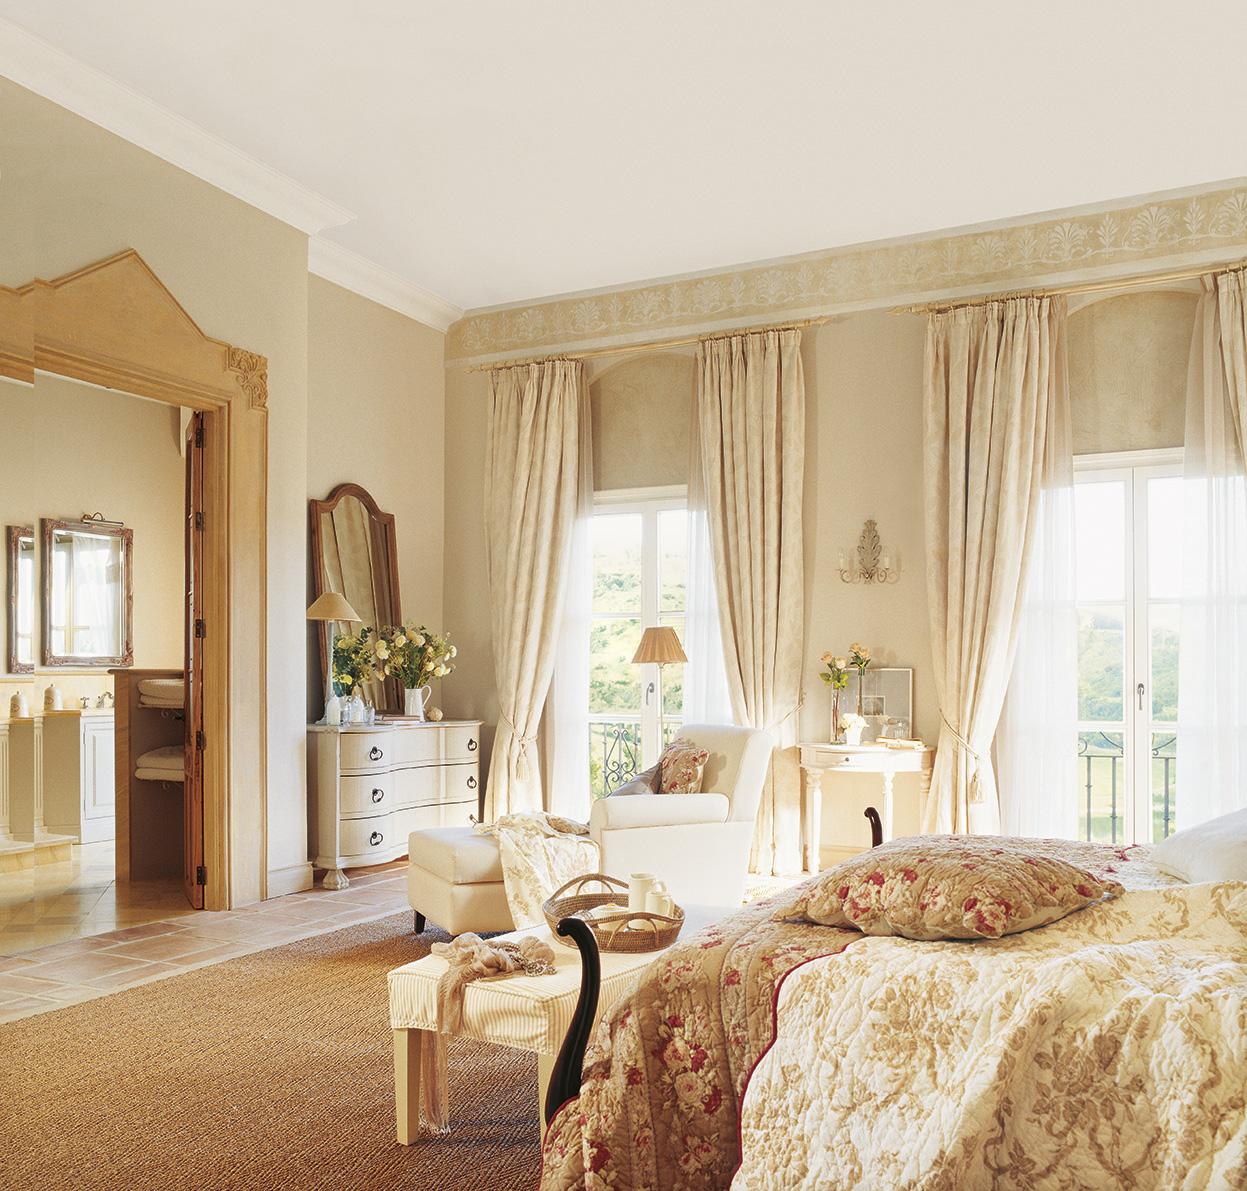 00161201. Dormitorio principal en tonos beige con balcones, chaise longue blanca y puerta con marco que comunica con el baño_00161201